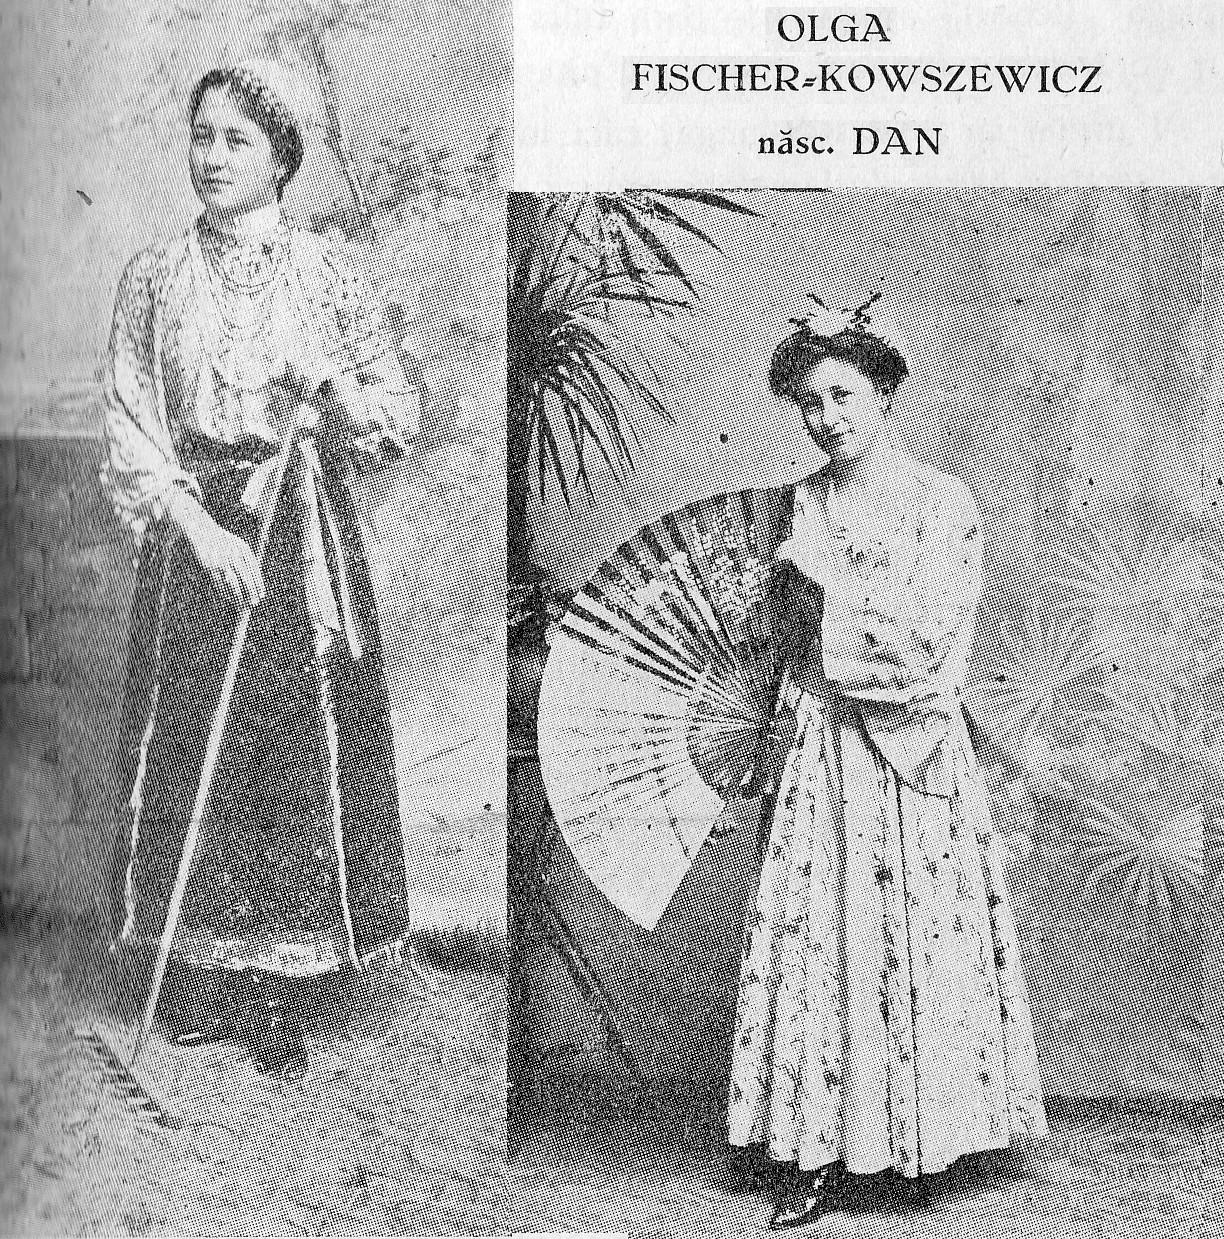 Fischer Kowszewicz Olga